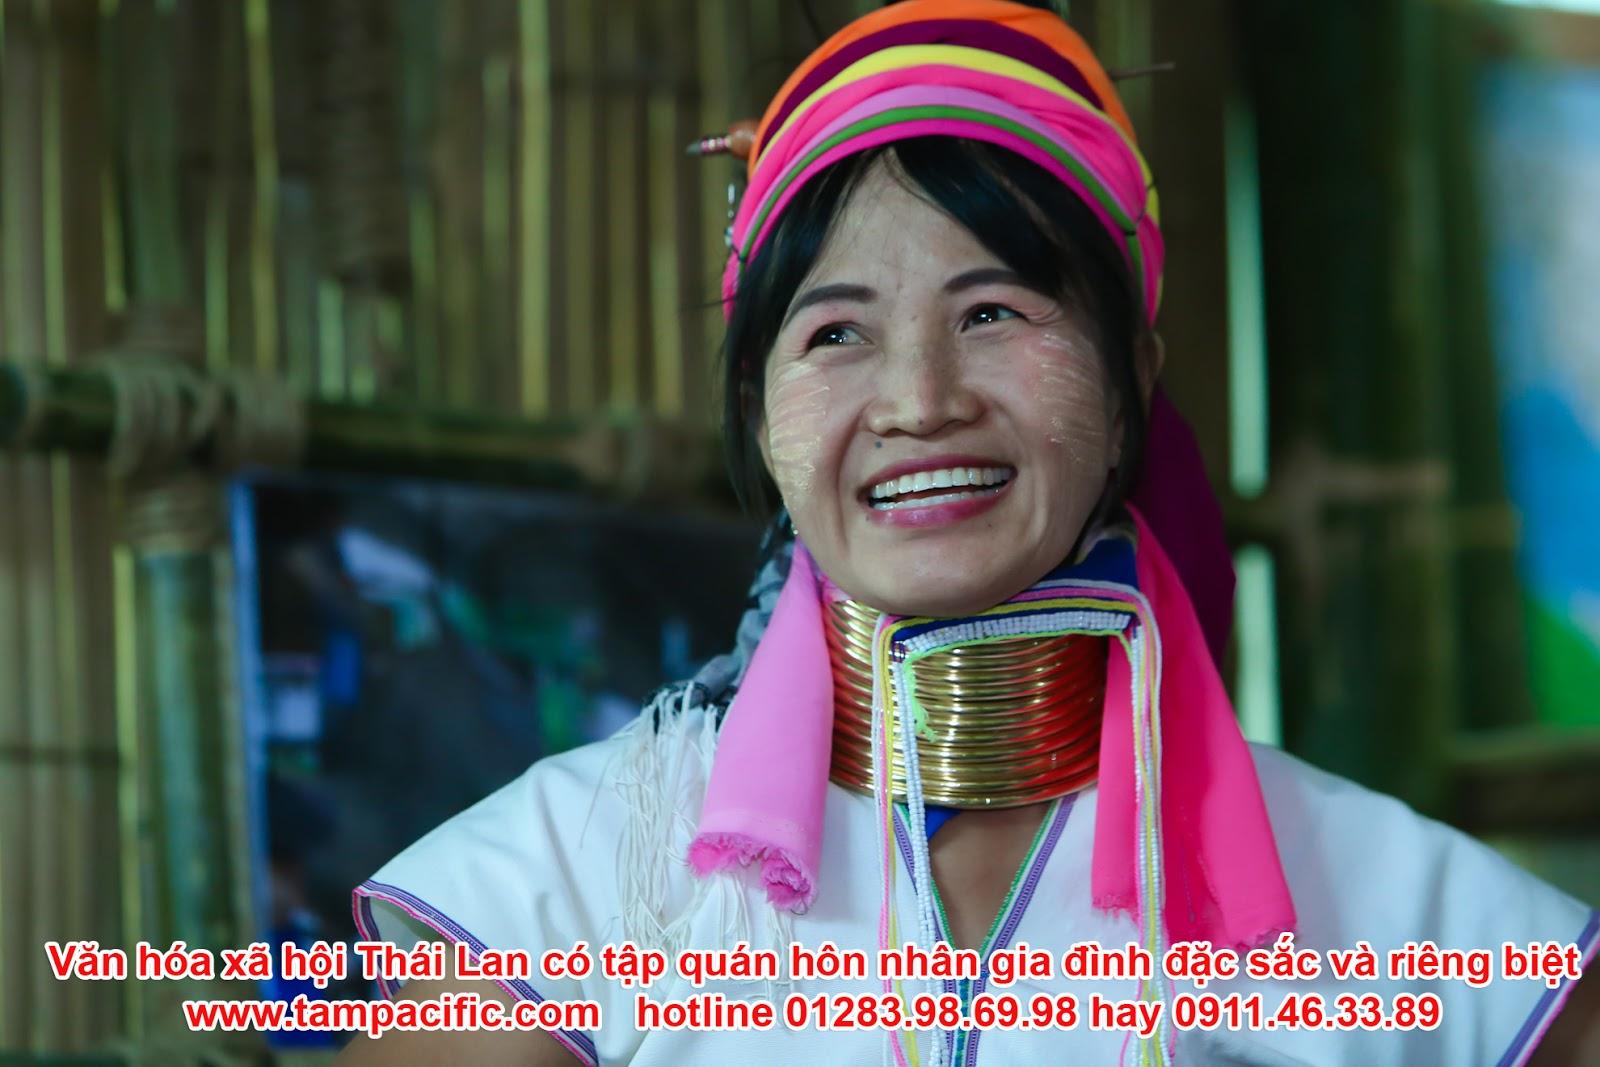 Văn hóa xã hội Thái Lan có tập quán hôn nhân gia đình đặc sắc và riêng biệt